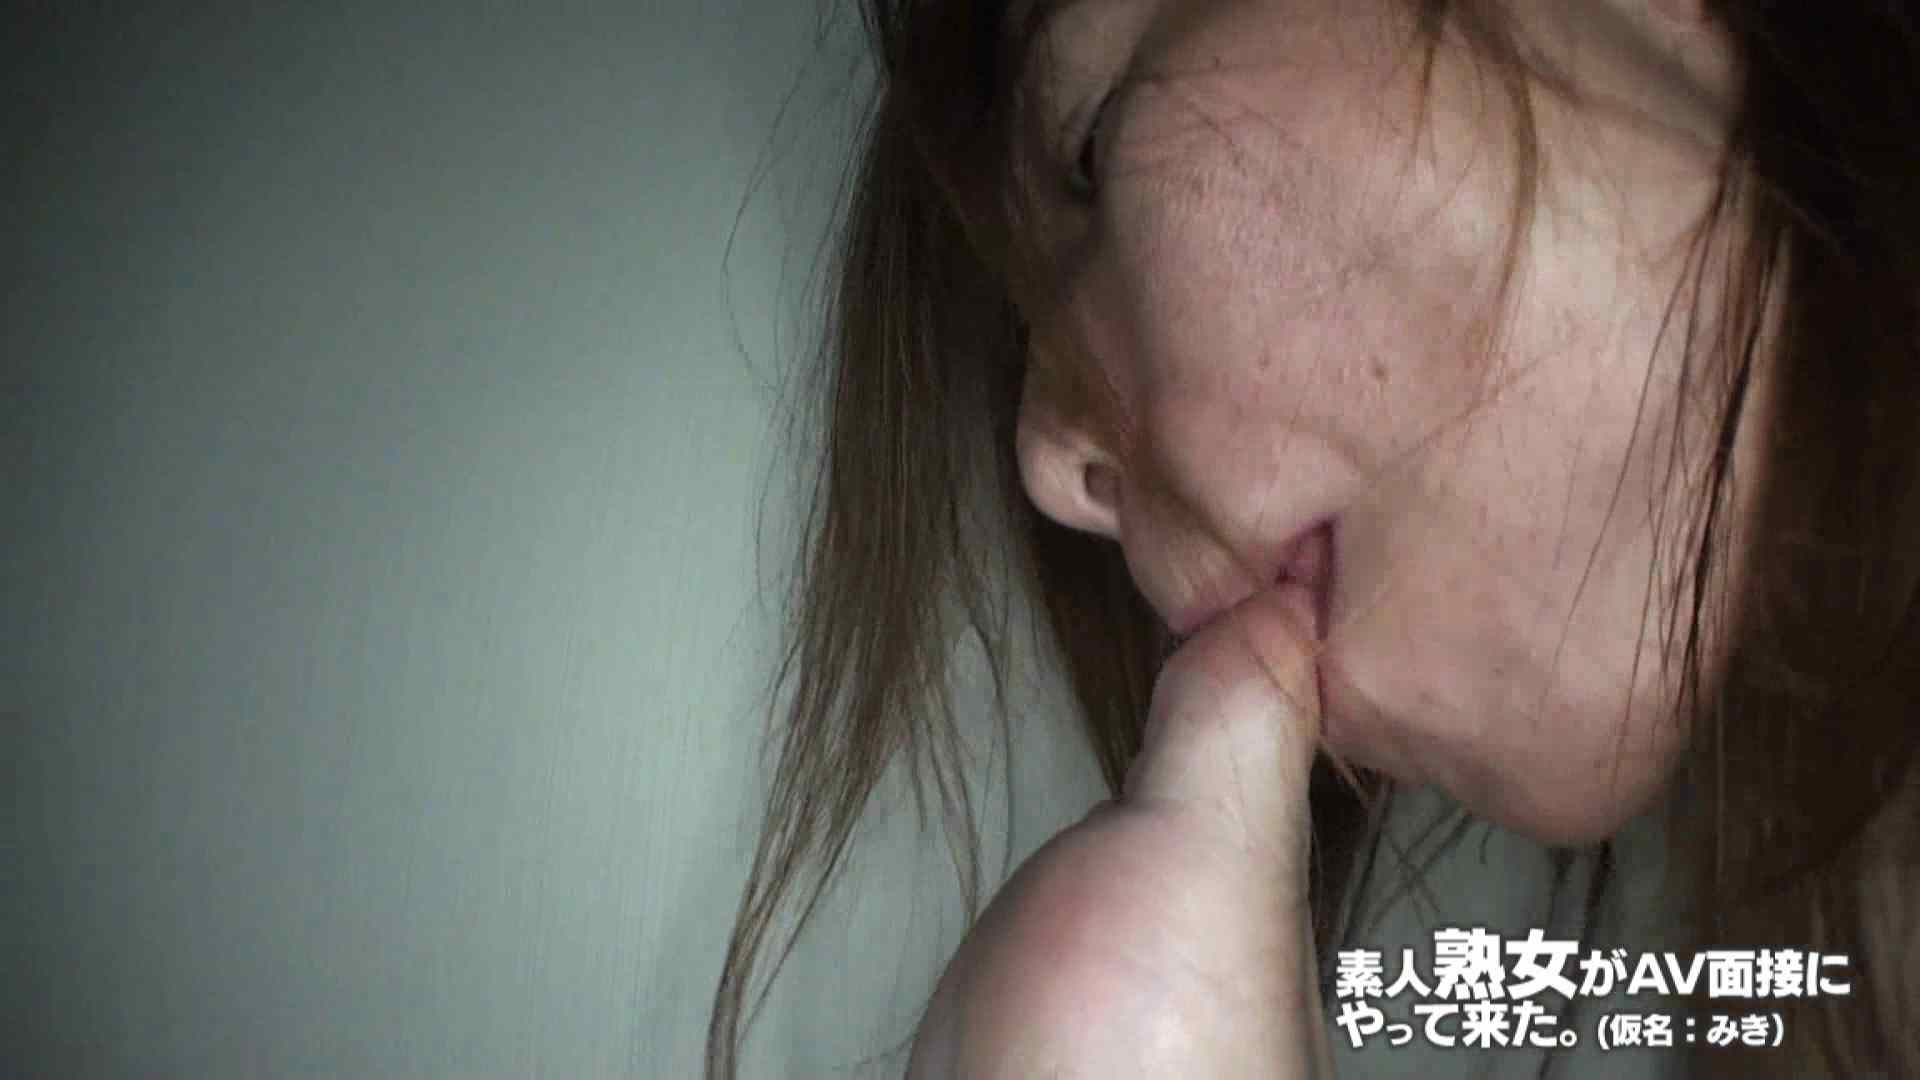 素人熟女がAV面接にやってきた (熟女)みきさんVOL.04(前編) ギャル達のセックス | 素人  102画像 88